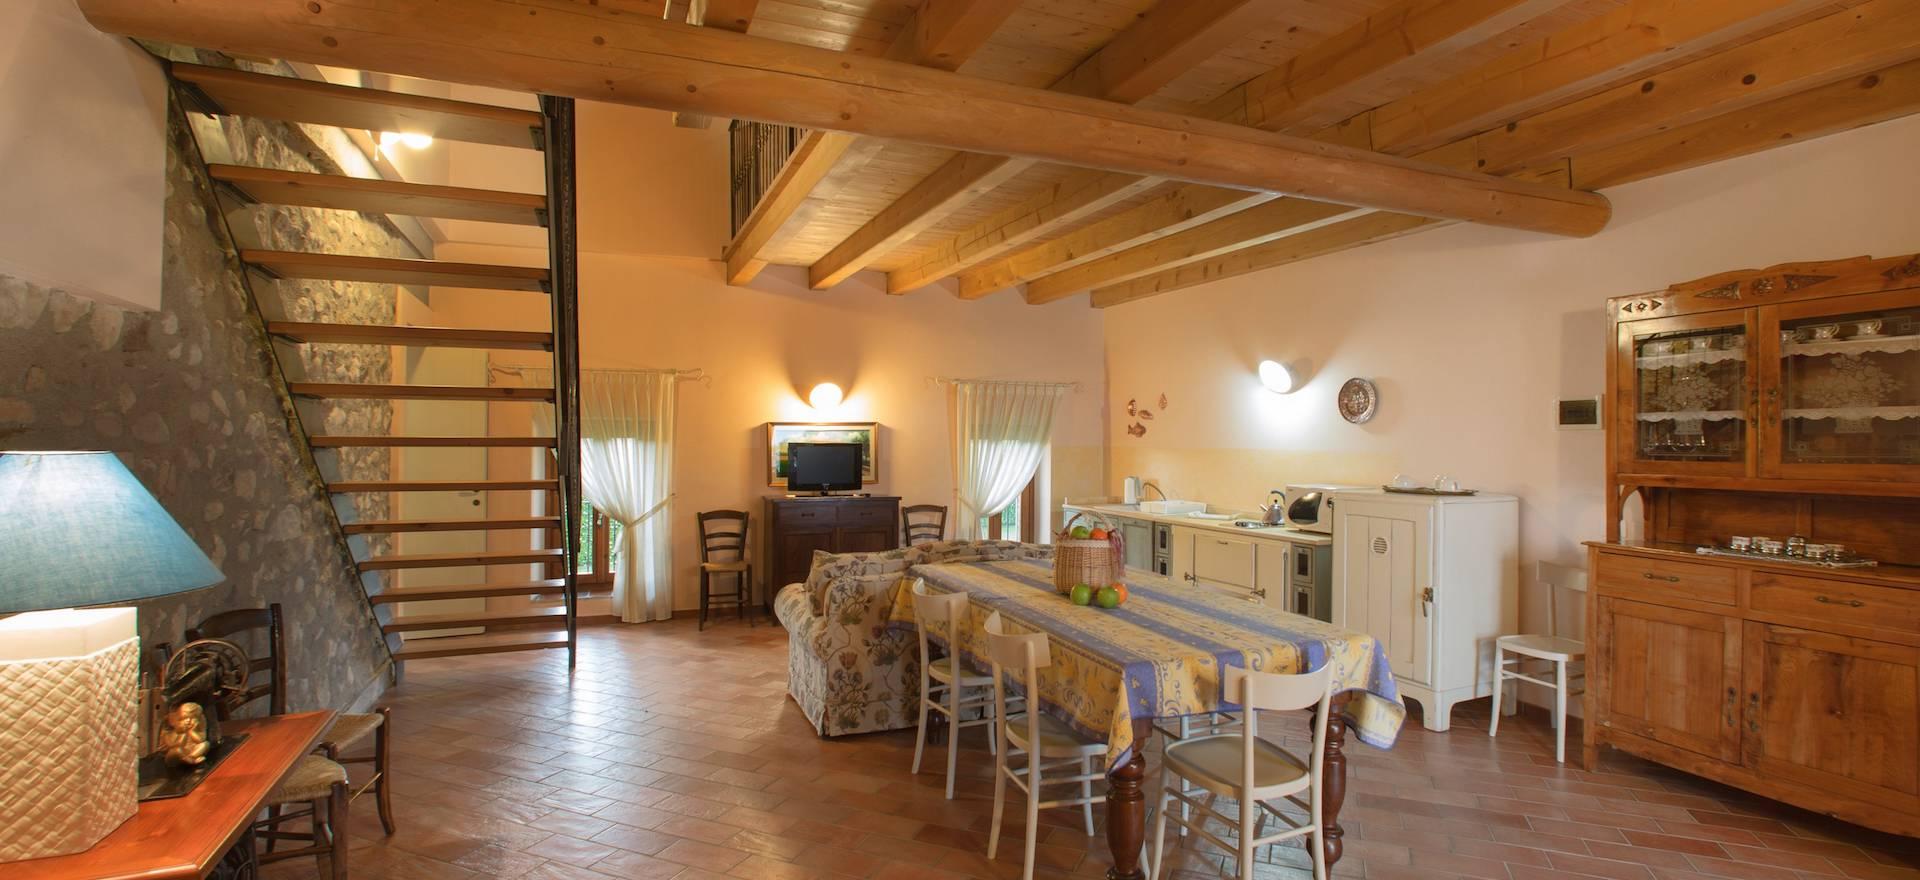 Agriturismo Comer See und Gardasee Agriturismo Gardasee, kleines und gemütliches Anwesen